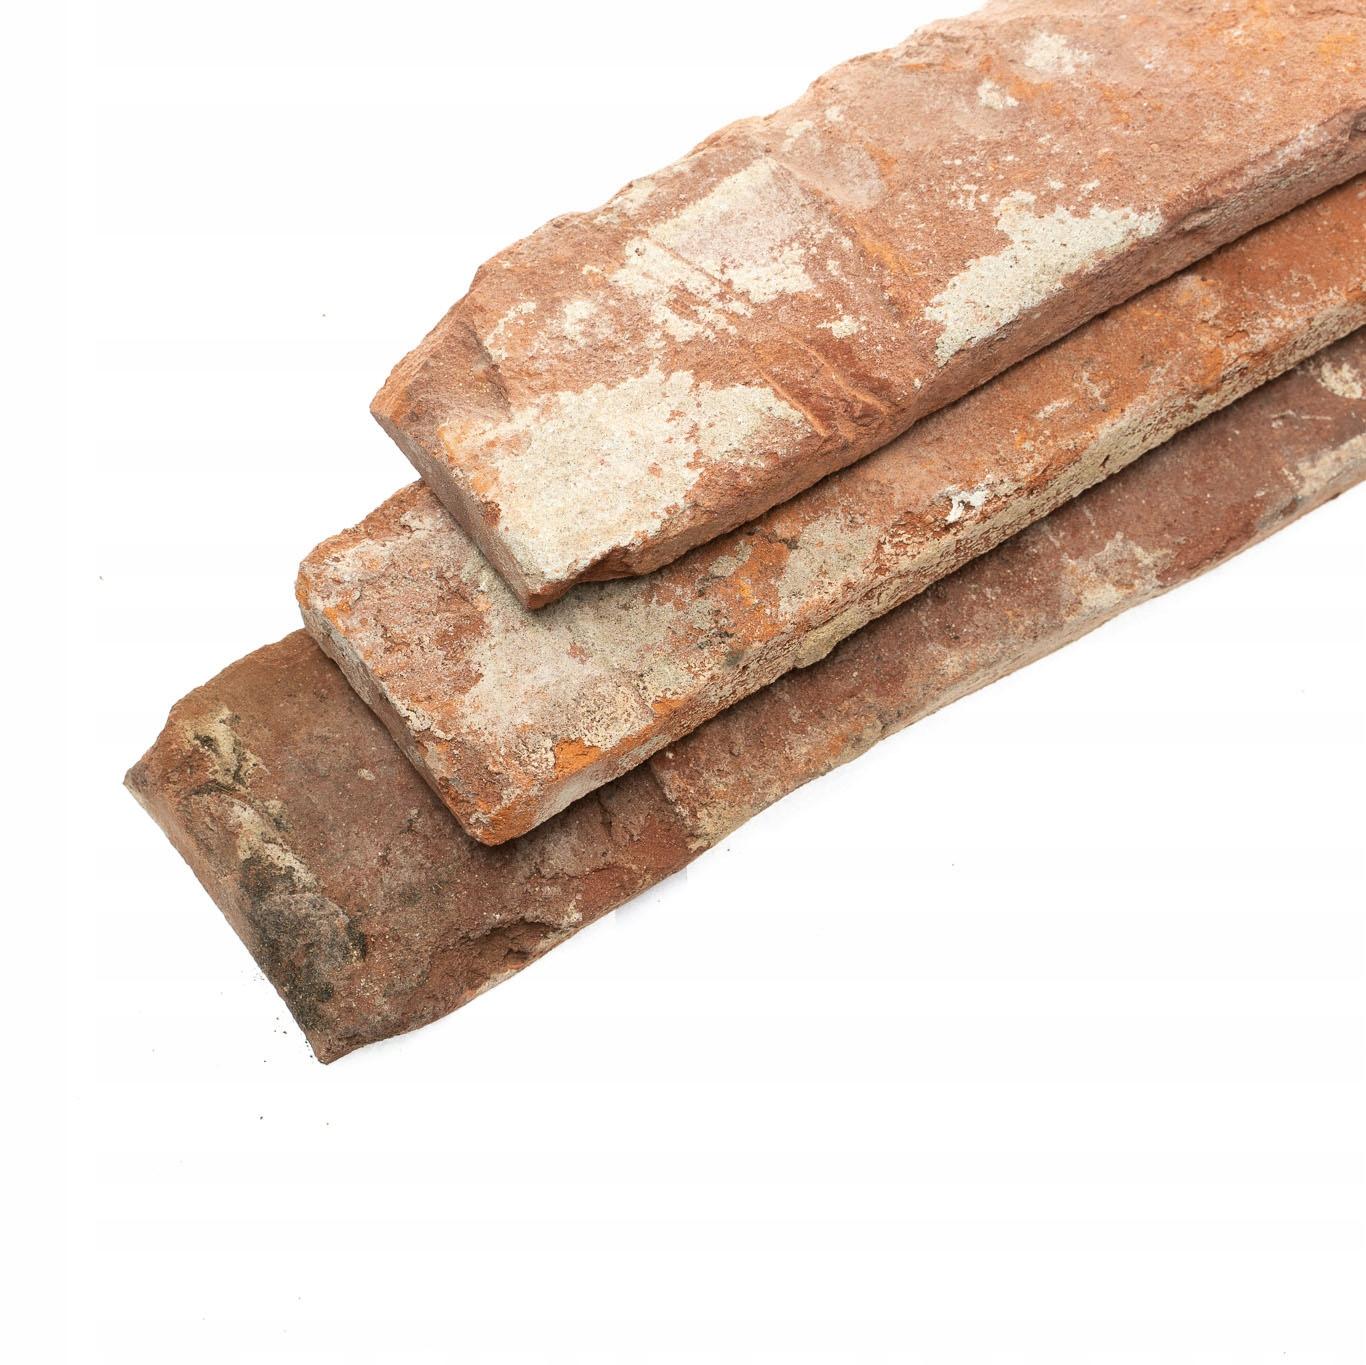 Stará búracia tehla, rezaná tehlová tvár, dlaždice 1m